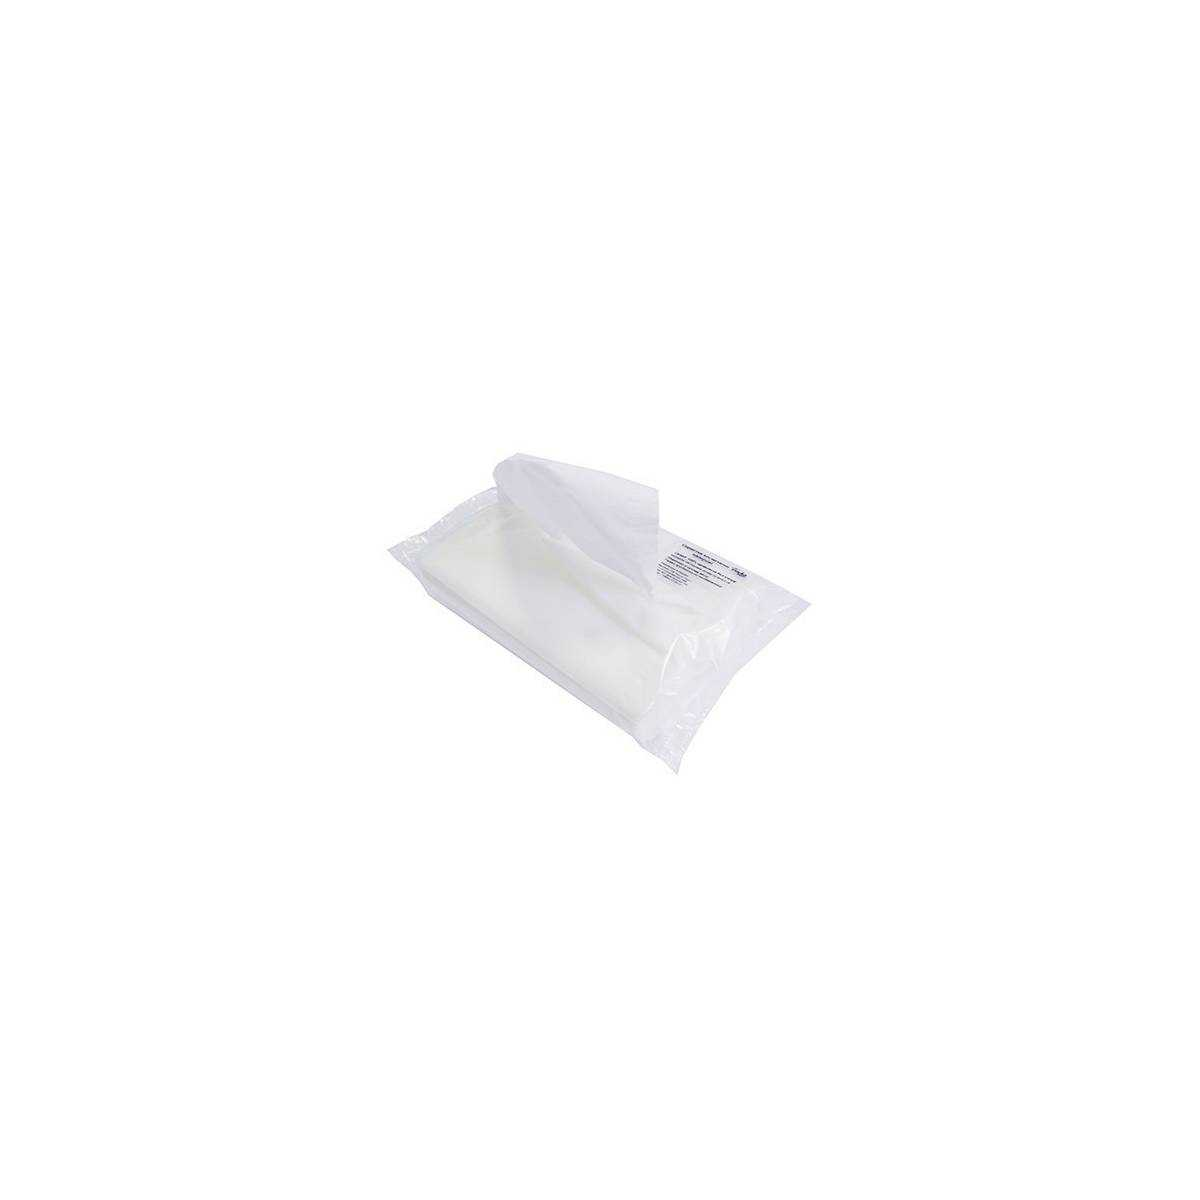 Салфетки косметические (S899) S899 Tischa Papier